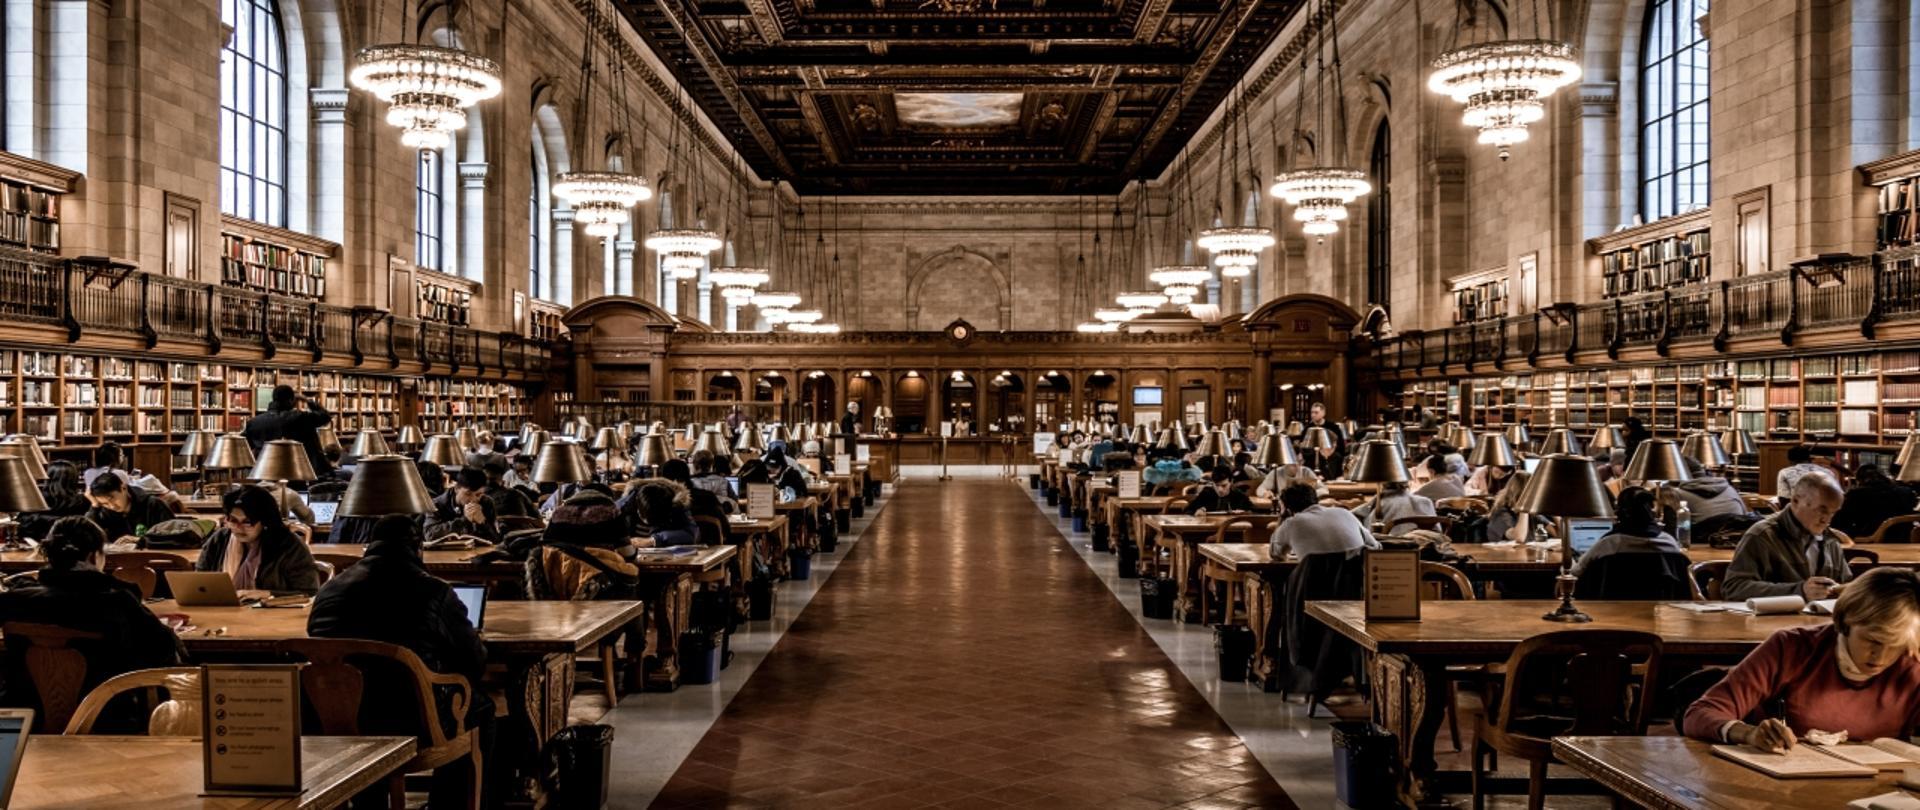 Aula biblioteczna, wielu studentów czyta książki